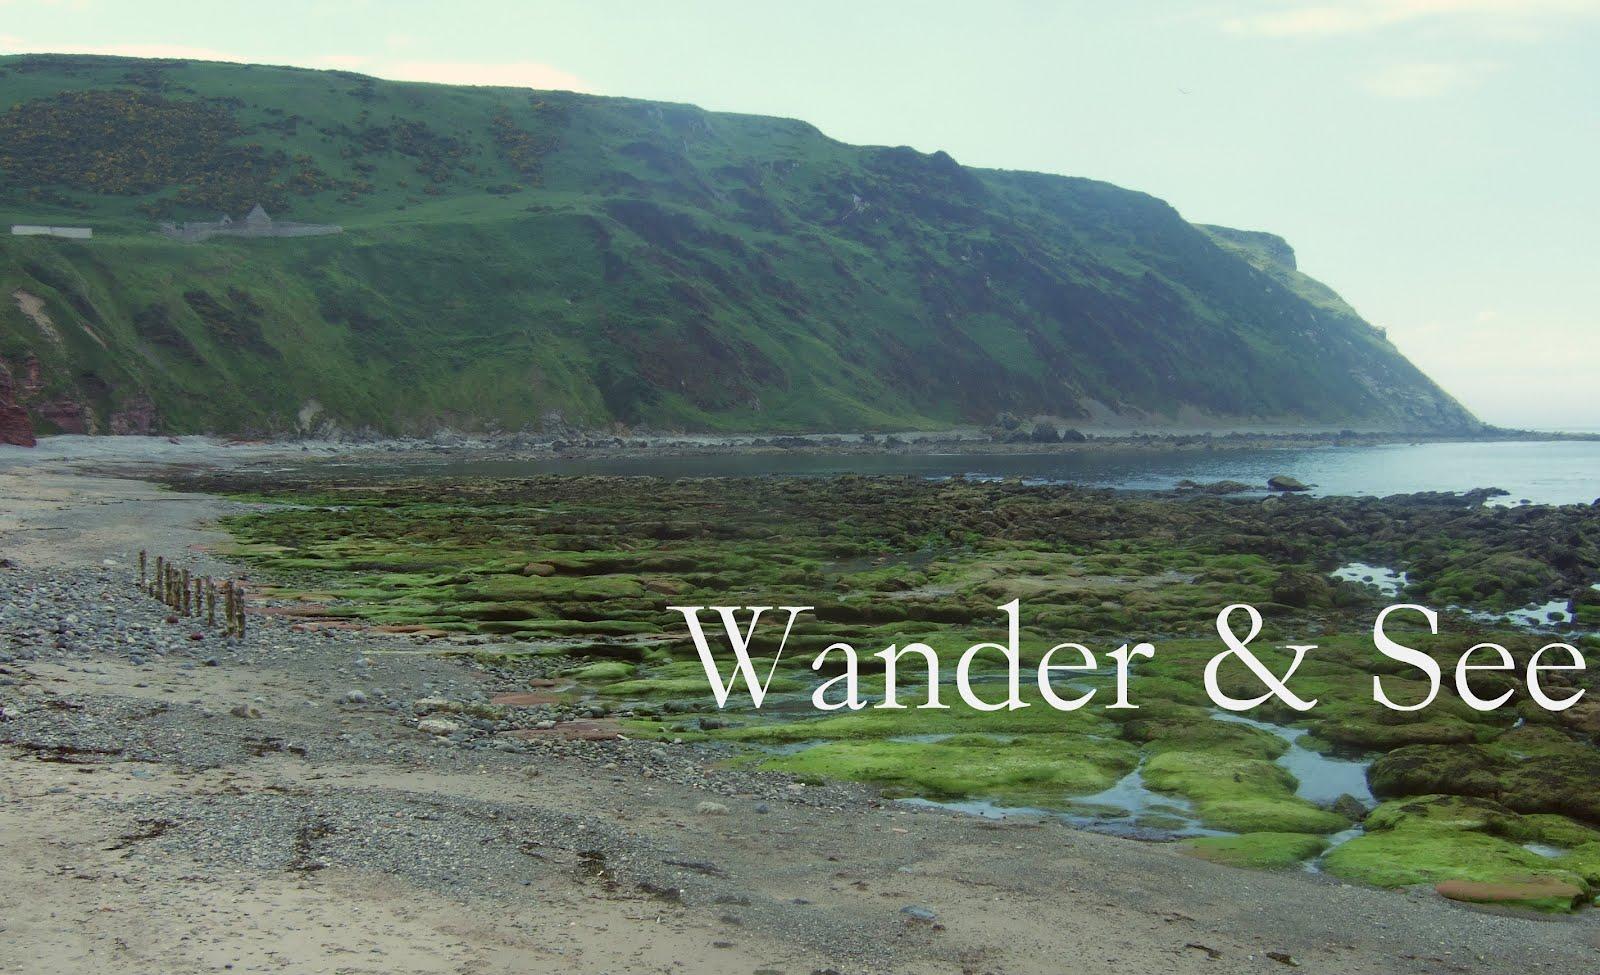 Wander & See